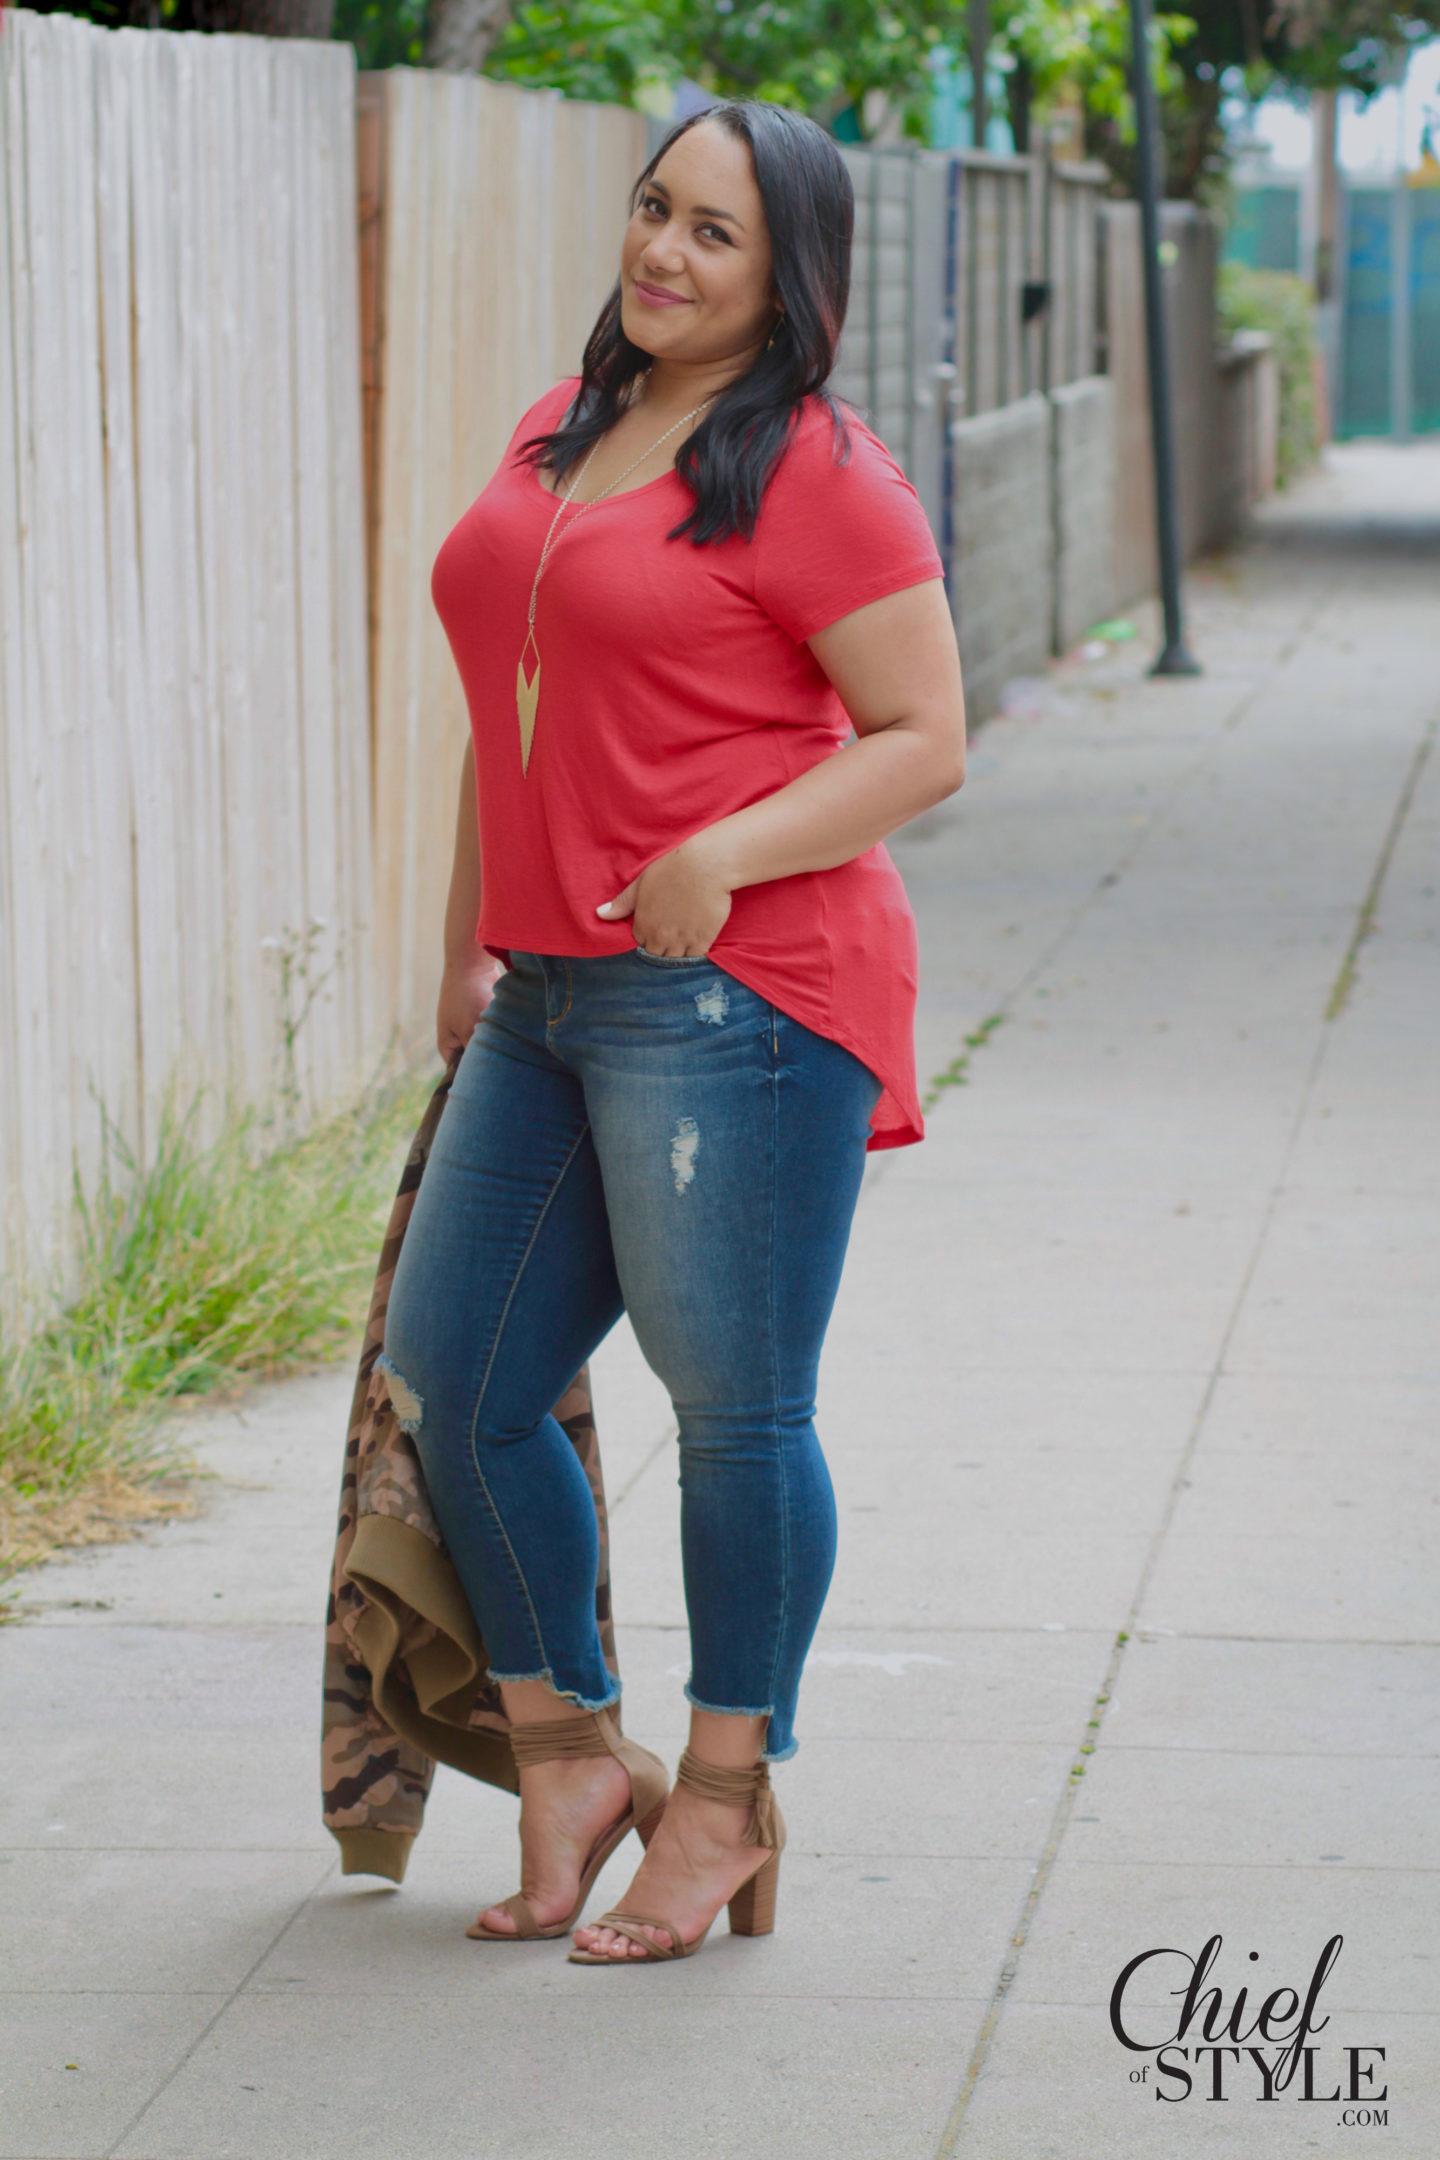 A Low-key Patriotic Look in Slink Jeans